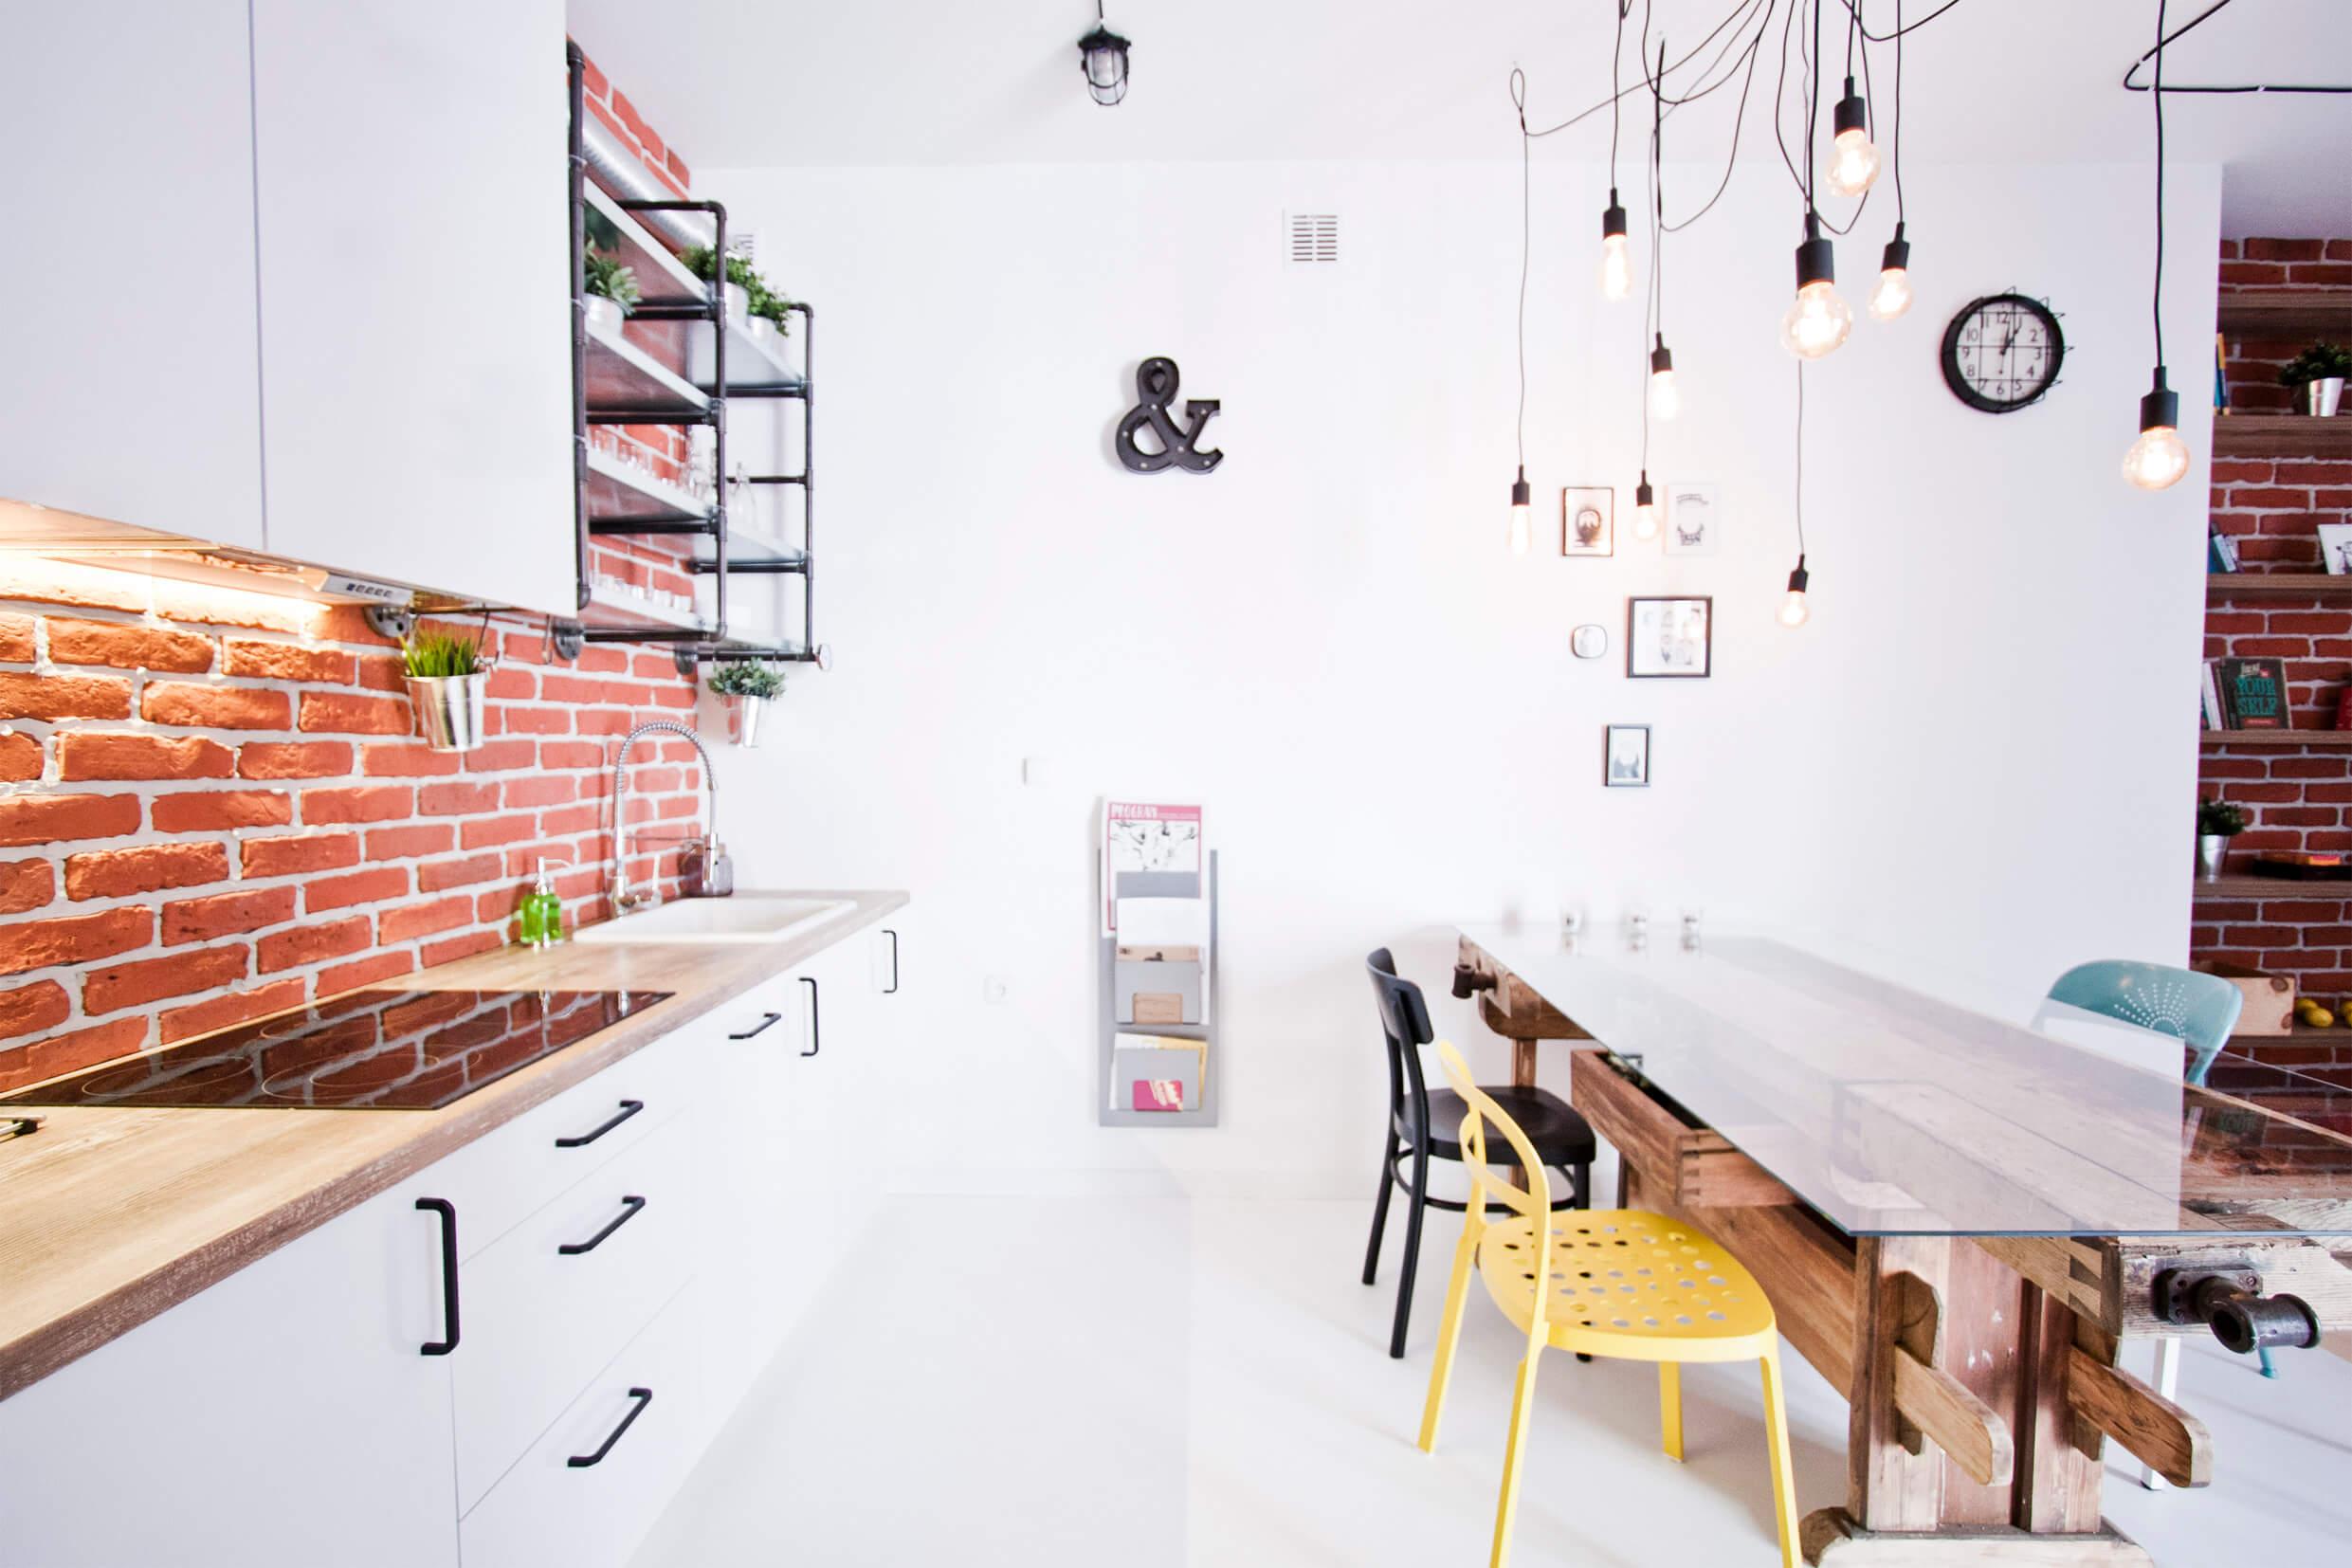 Projekt małej kuchni | Maciej Bogaczewicz